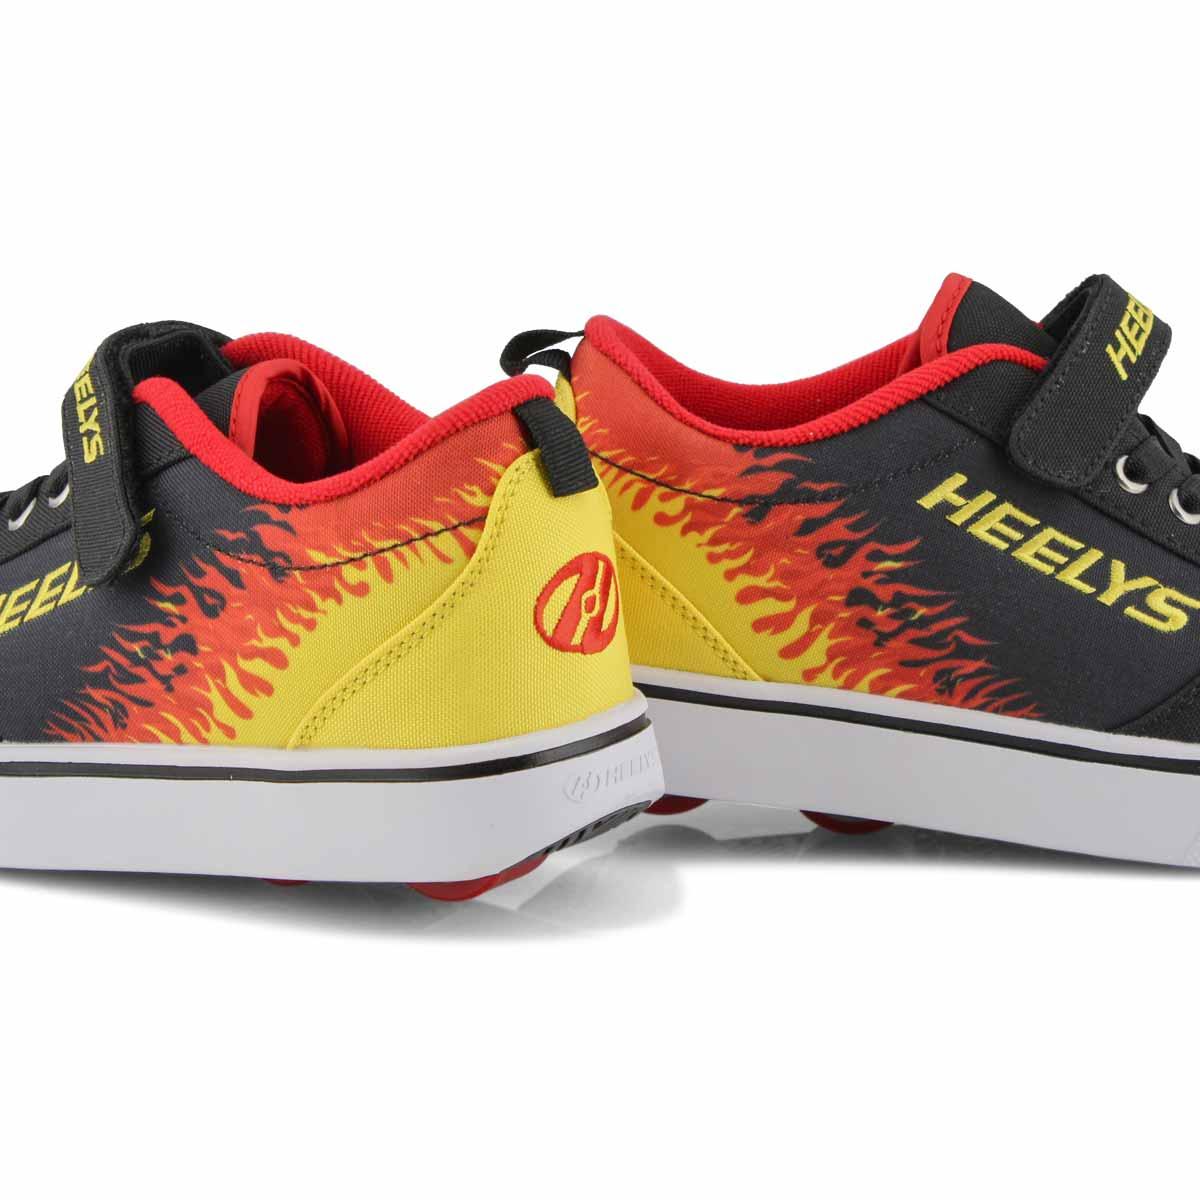 Espa de skate Pro 20 X2, nr/flamme, grç